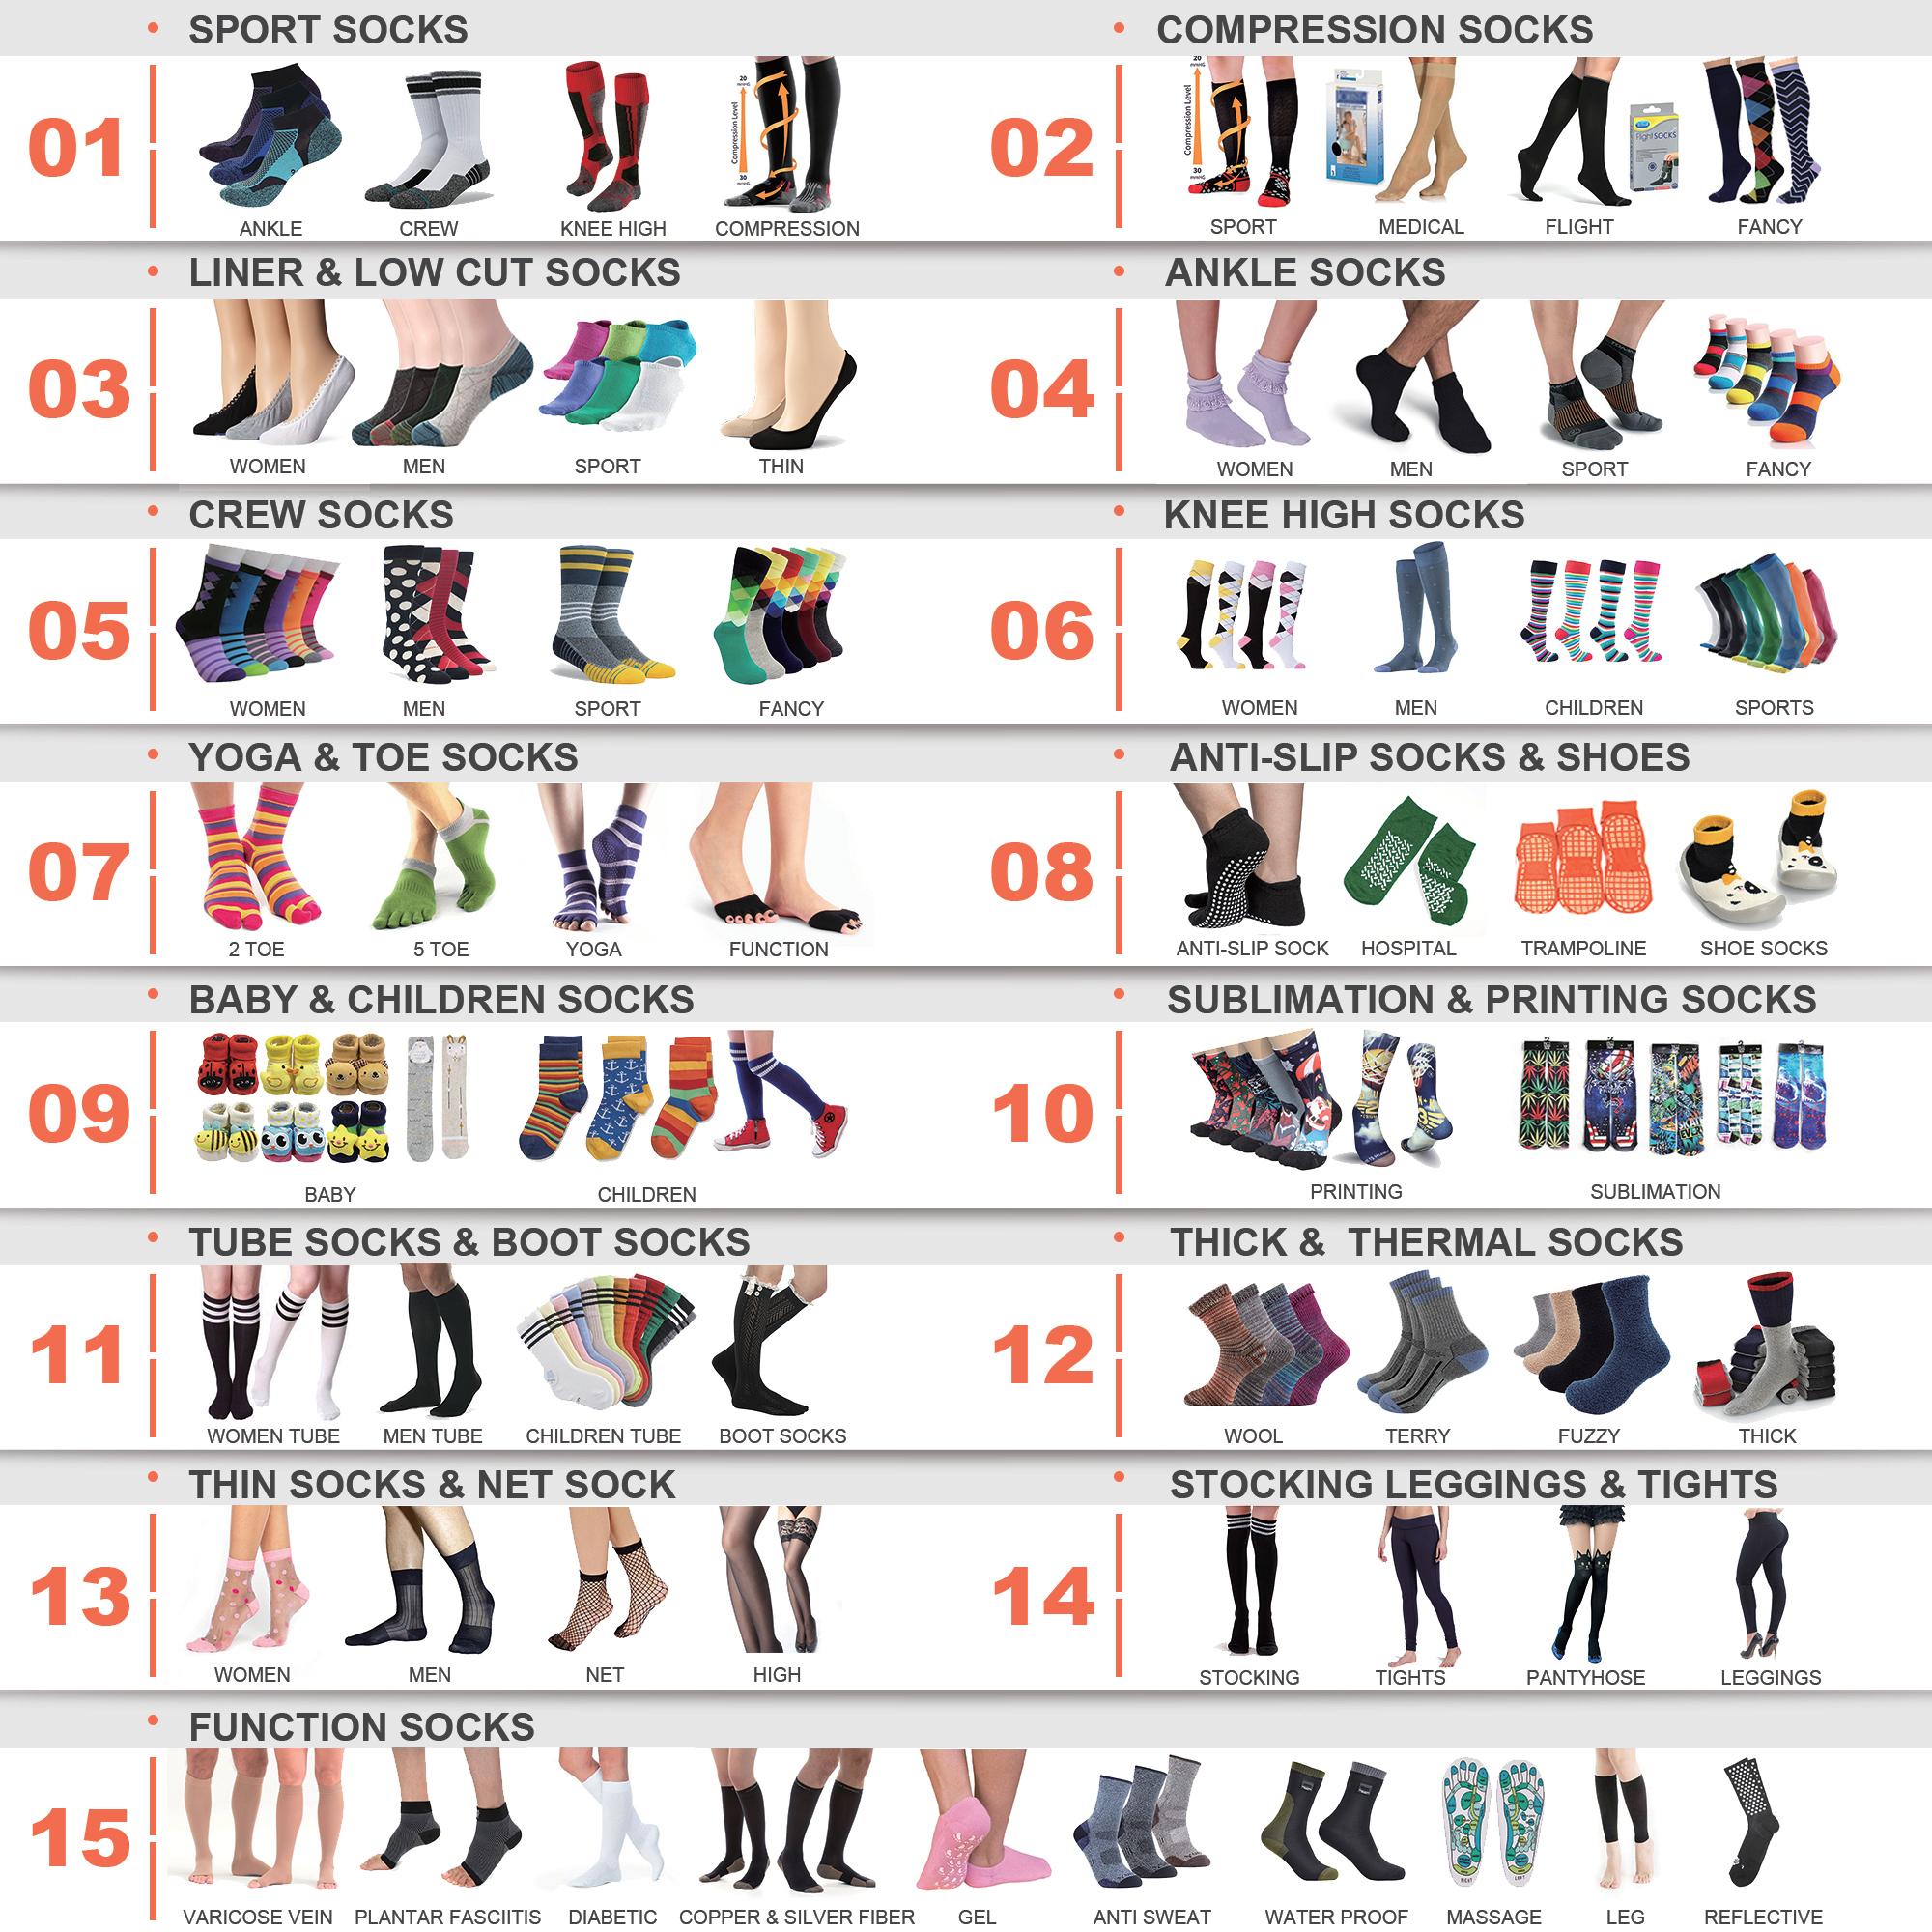 FY-I-0012 enkel sport sokken sport enkelsok korte athletic sokken